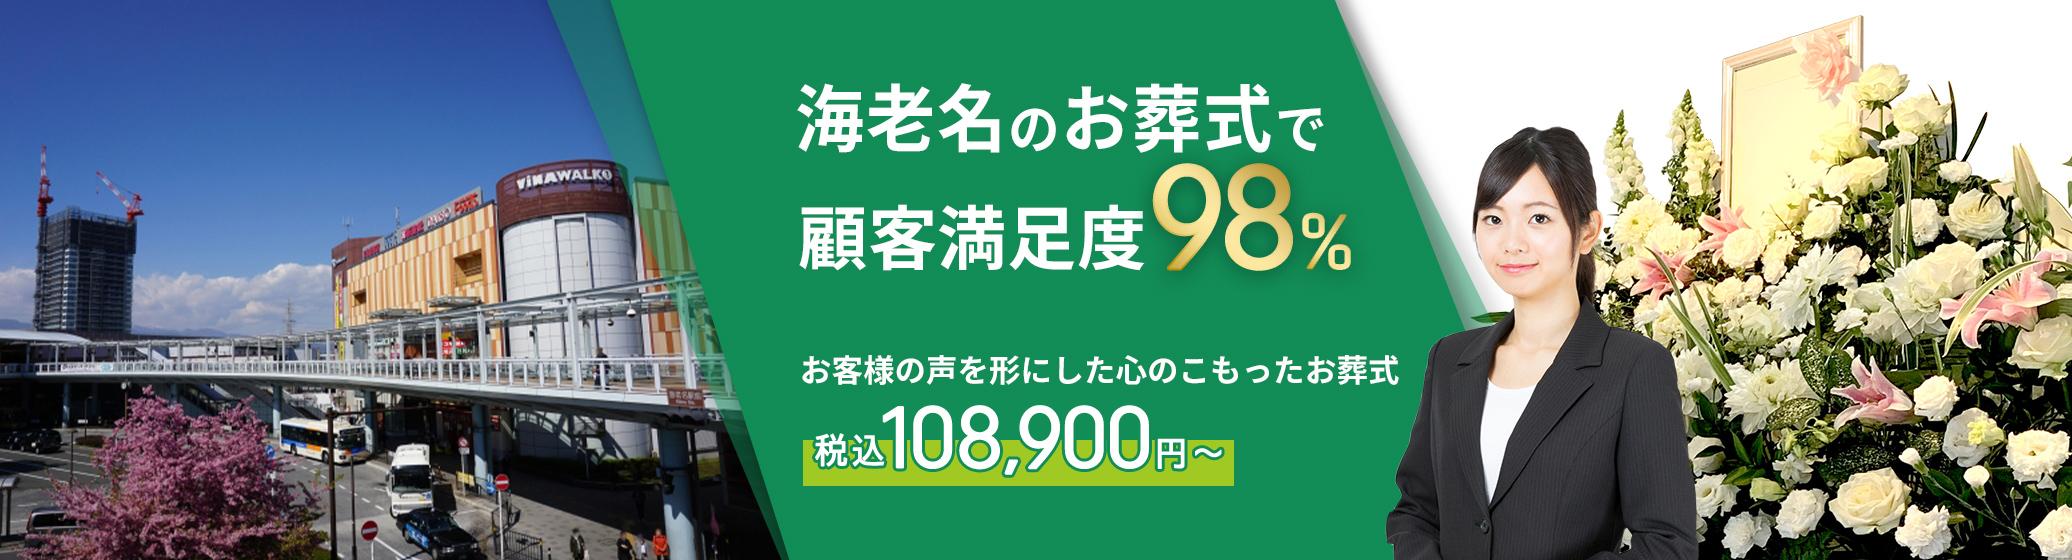 海老名市で葬儀をお考えの方へ安心価格で納得のお葬式が定額プラン・葬儀に必要なものすべて含んで140,000円(税込)